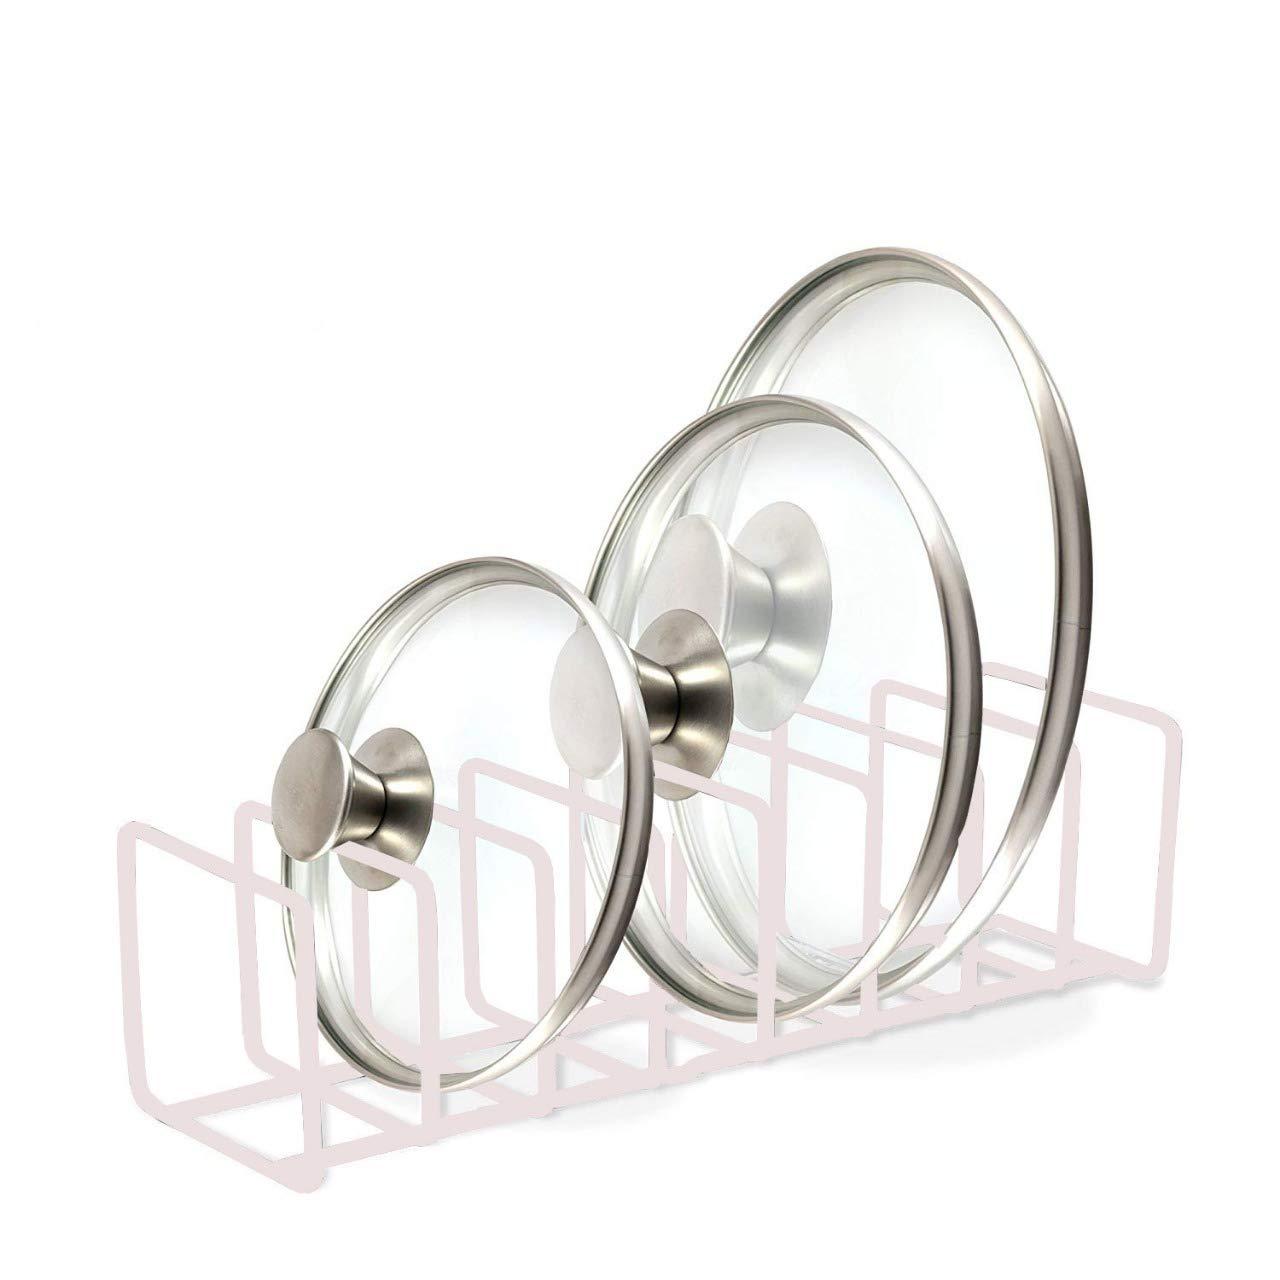 Organiseur de couvercle de pot de luxe de qualité - Gardez vos armoires rangées avec étagère de rangement verticale en métal pour contenir couvercles, assiettes, plats, planches à découper blanc